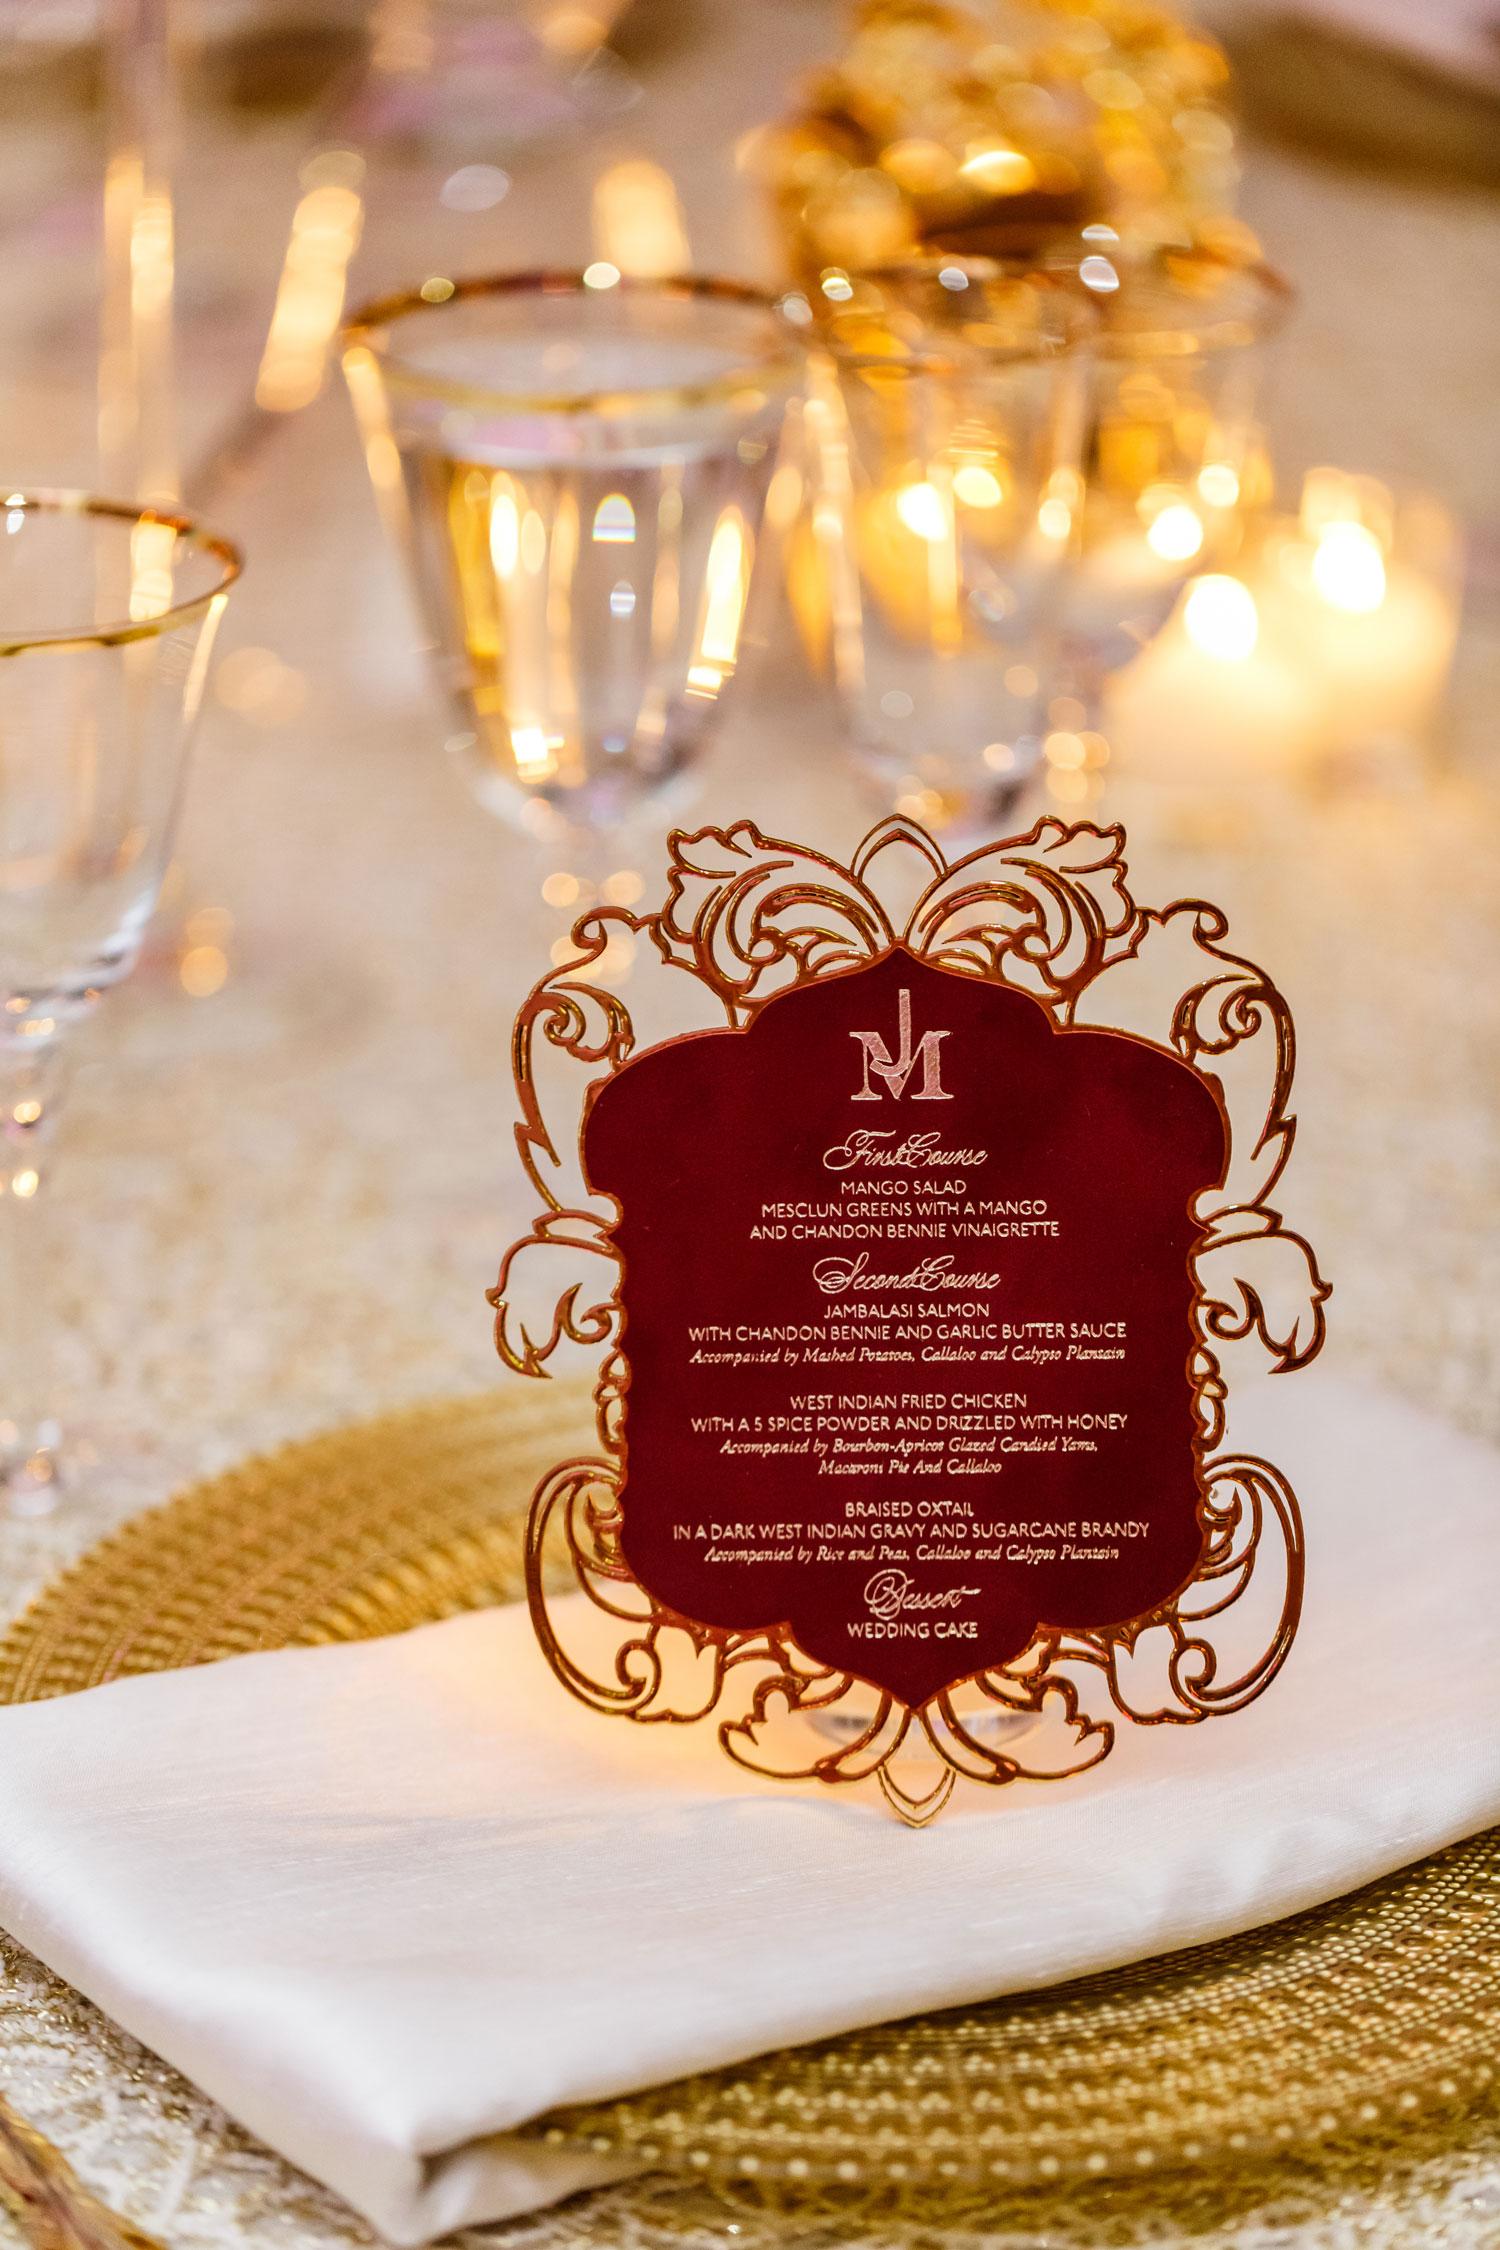 laser cut wedding ideas laser-cut wedding menu card at reception table